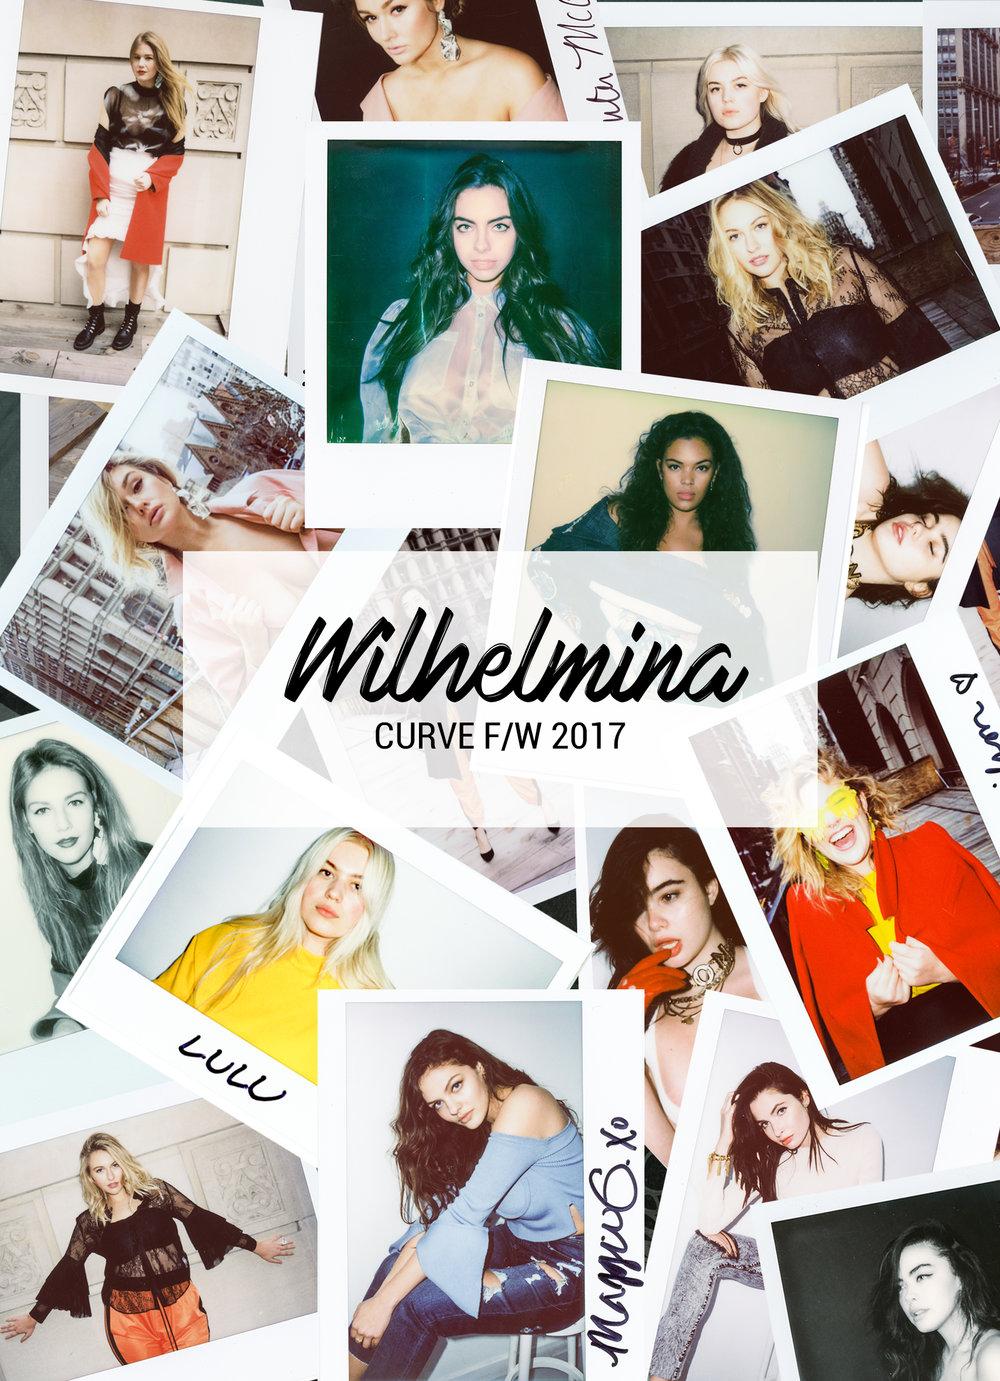 Wilhelmina+Curve+F%2FW+2017-1.jpg